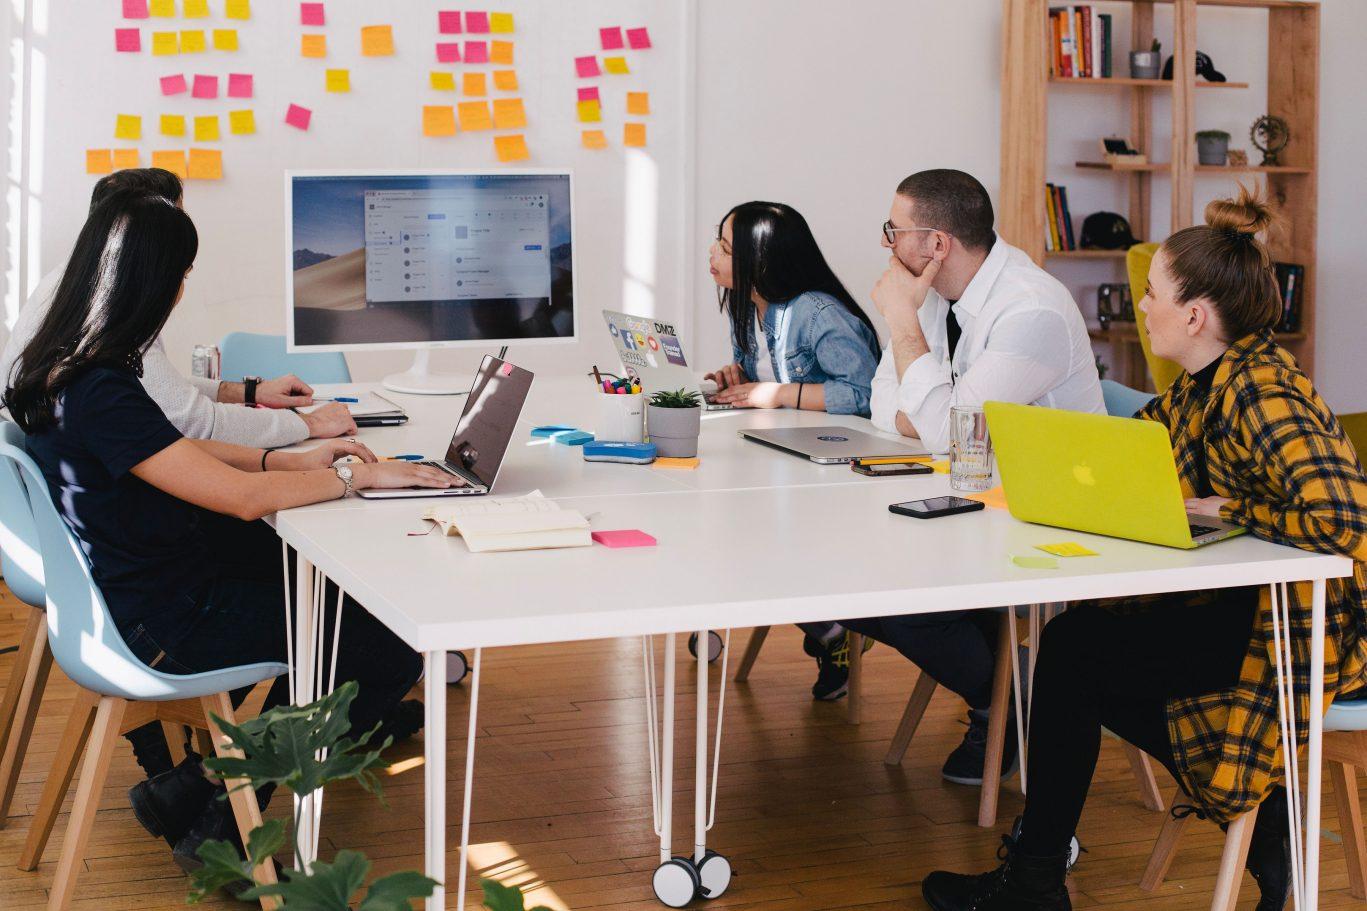 Quer empreender? Veja os 3 principais erros do empreendedor